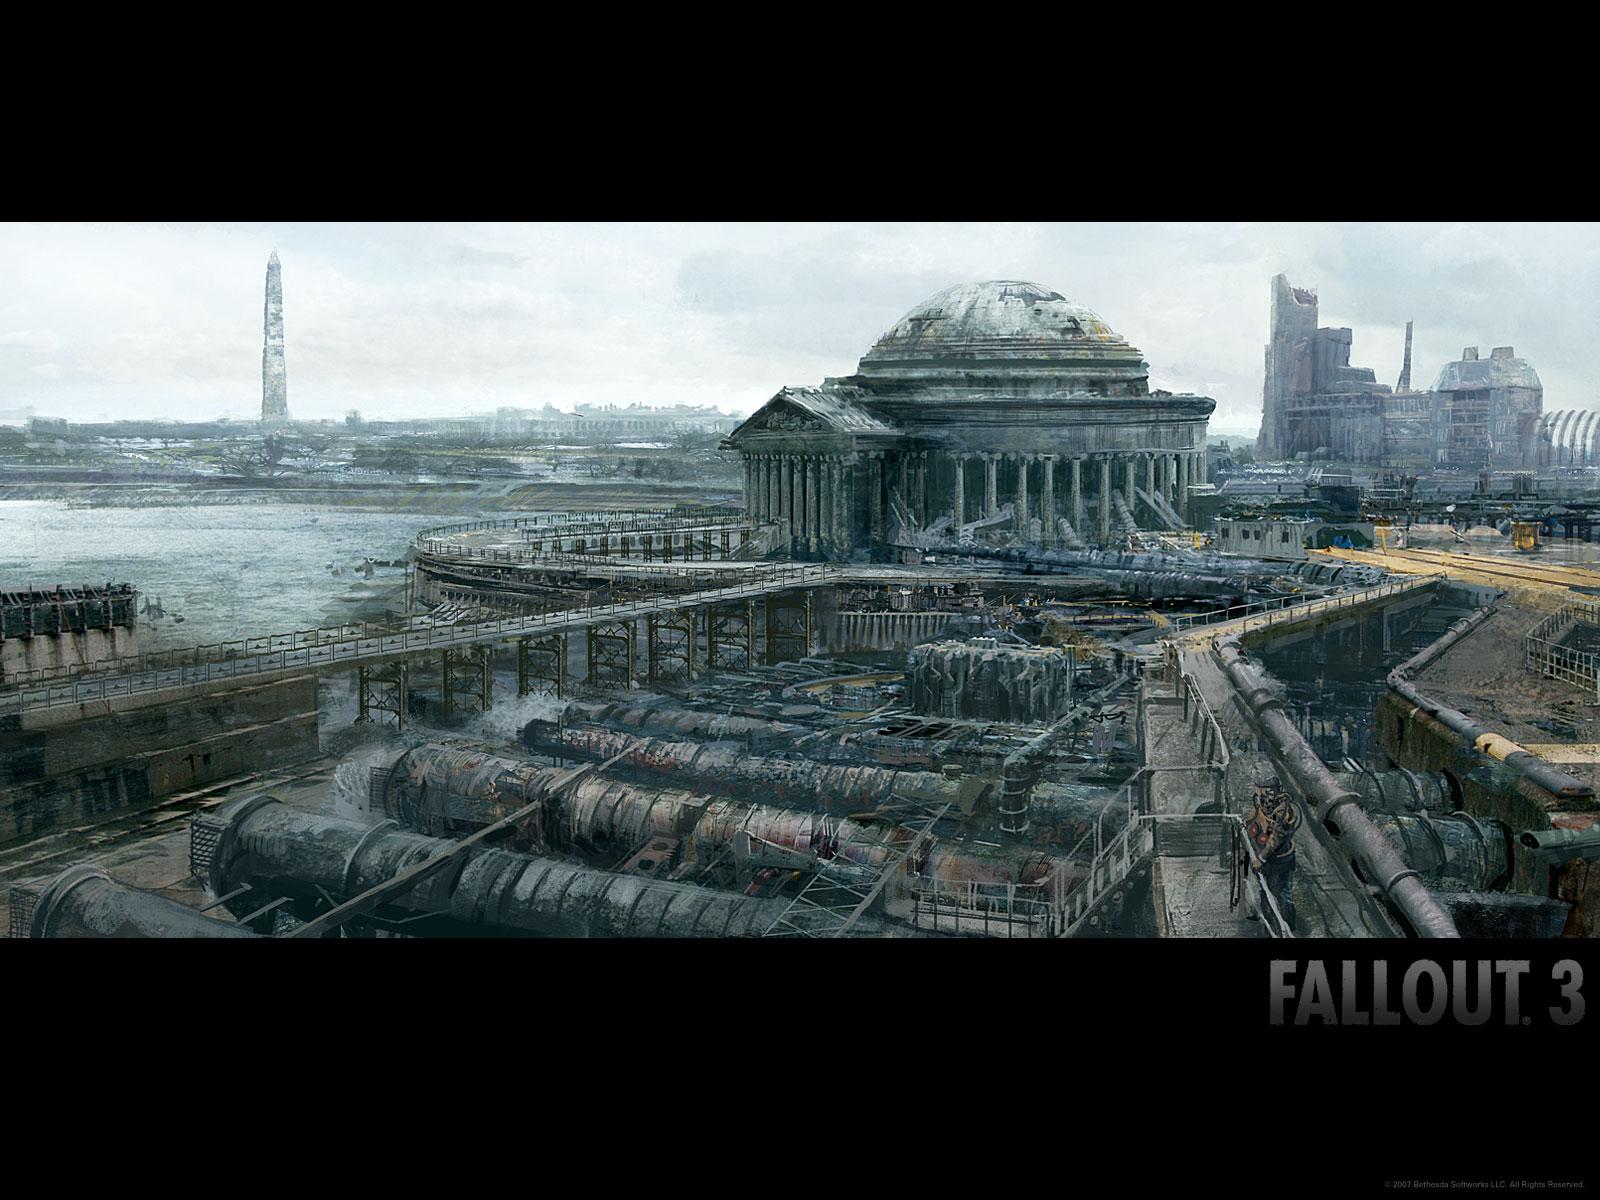 fallout-wp3-1600×1200.jpg